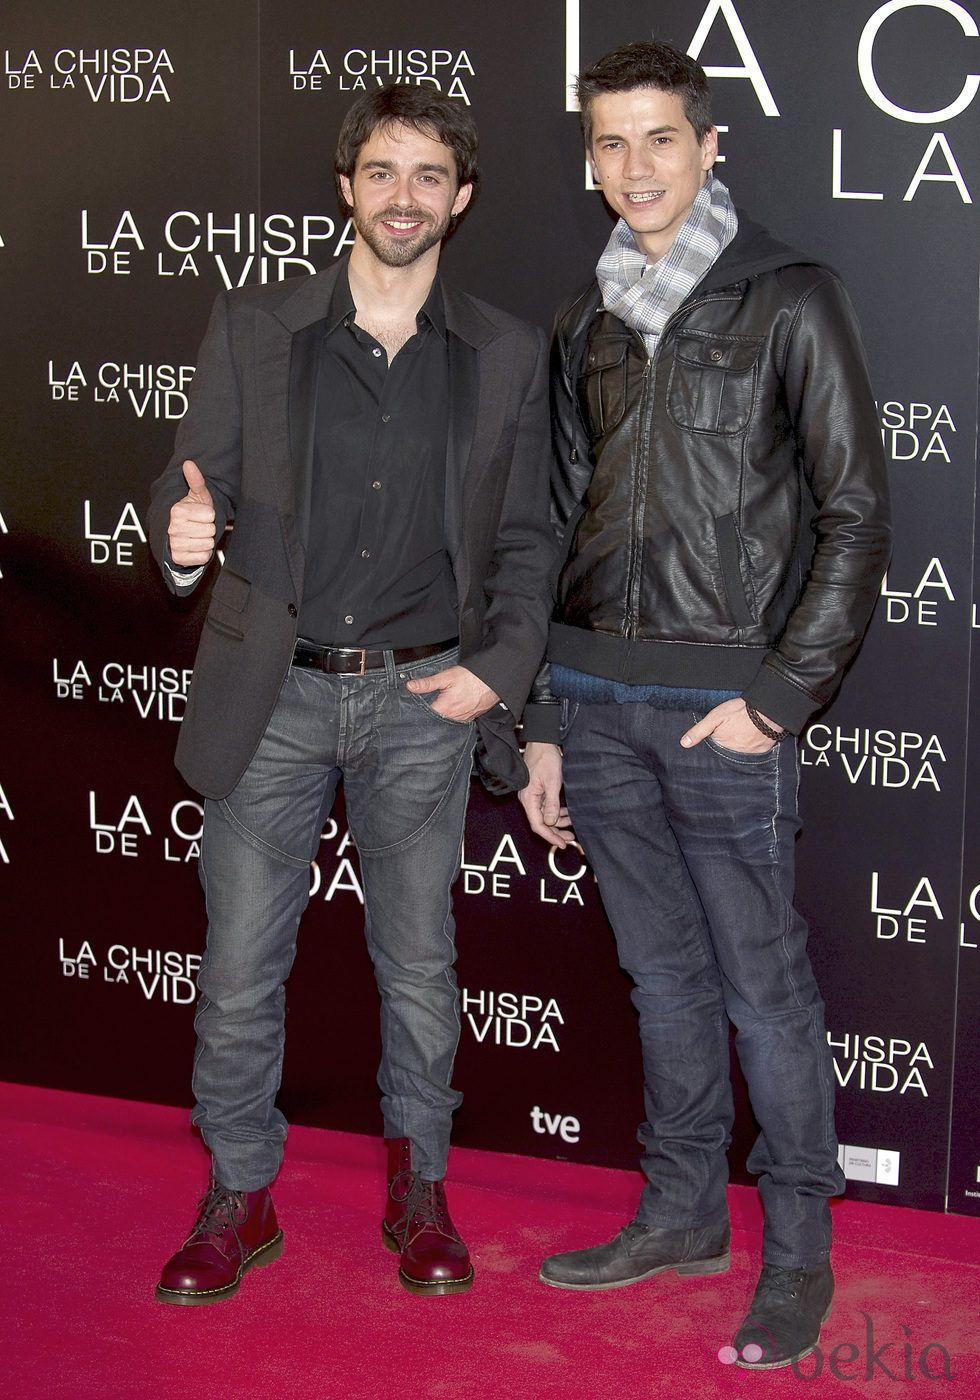 Alberto Amarilla y Marco Martínez en el estreno de 'La chispa de ...